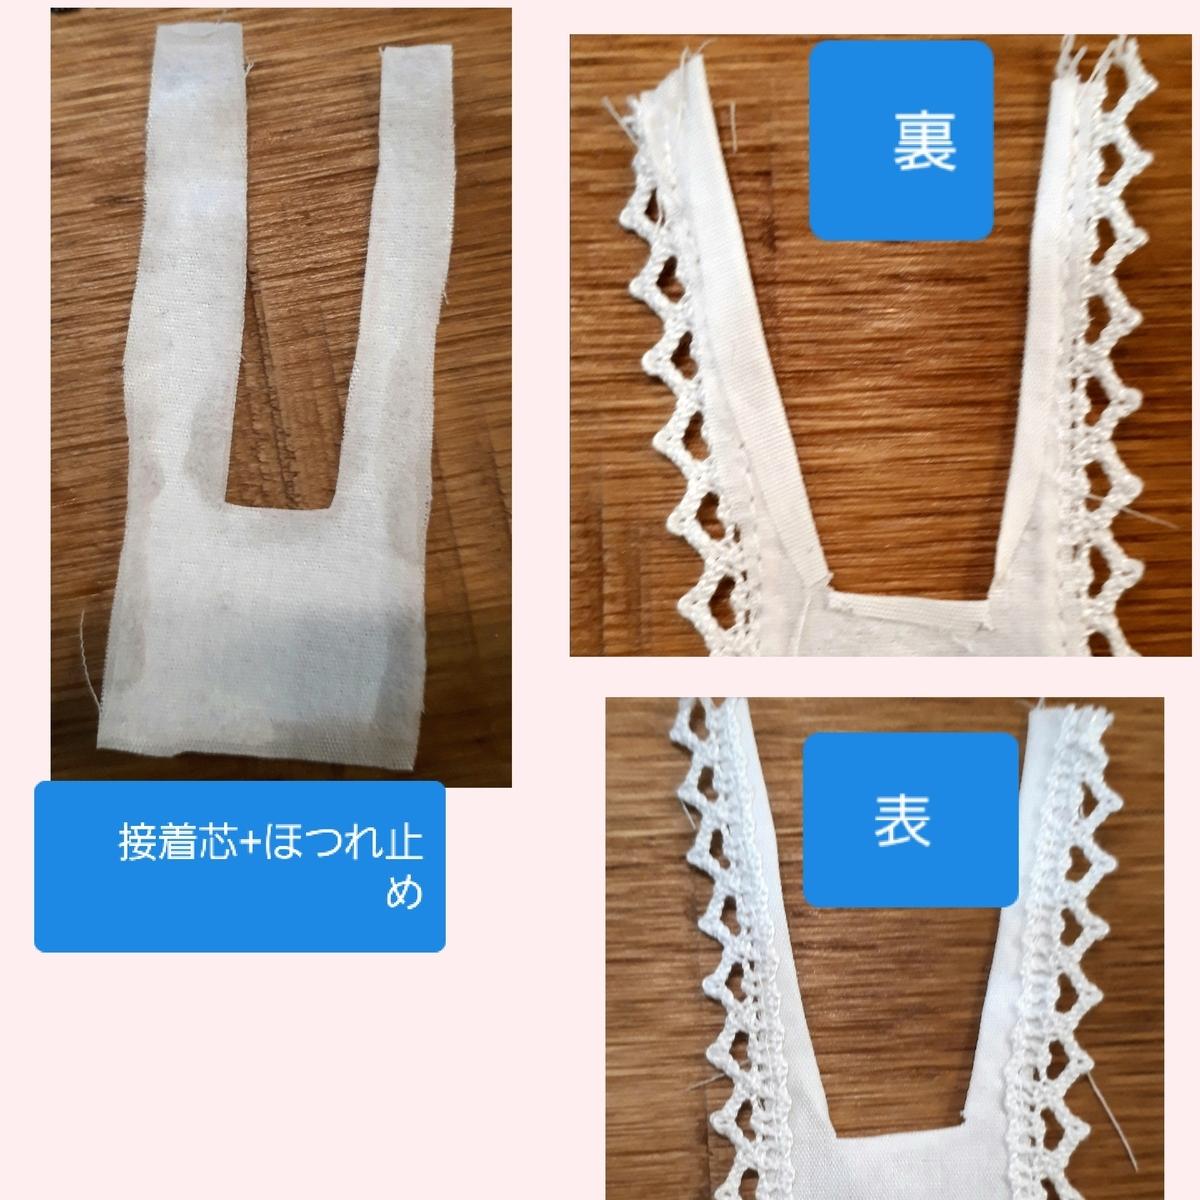 f:id:misami-33:20200625095717j:plain